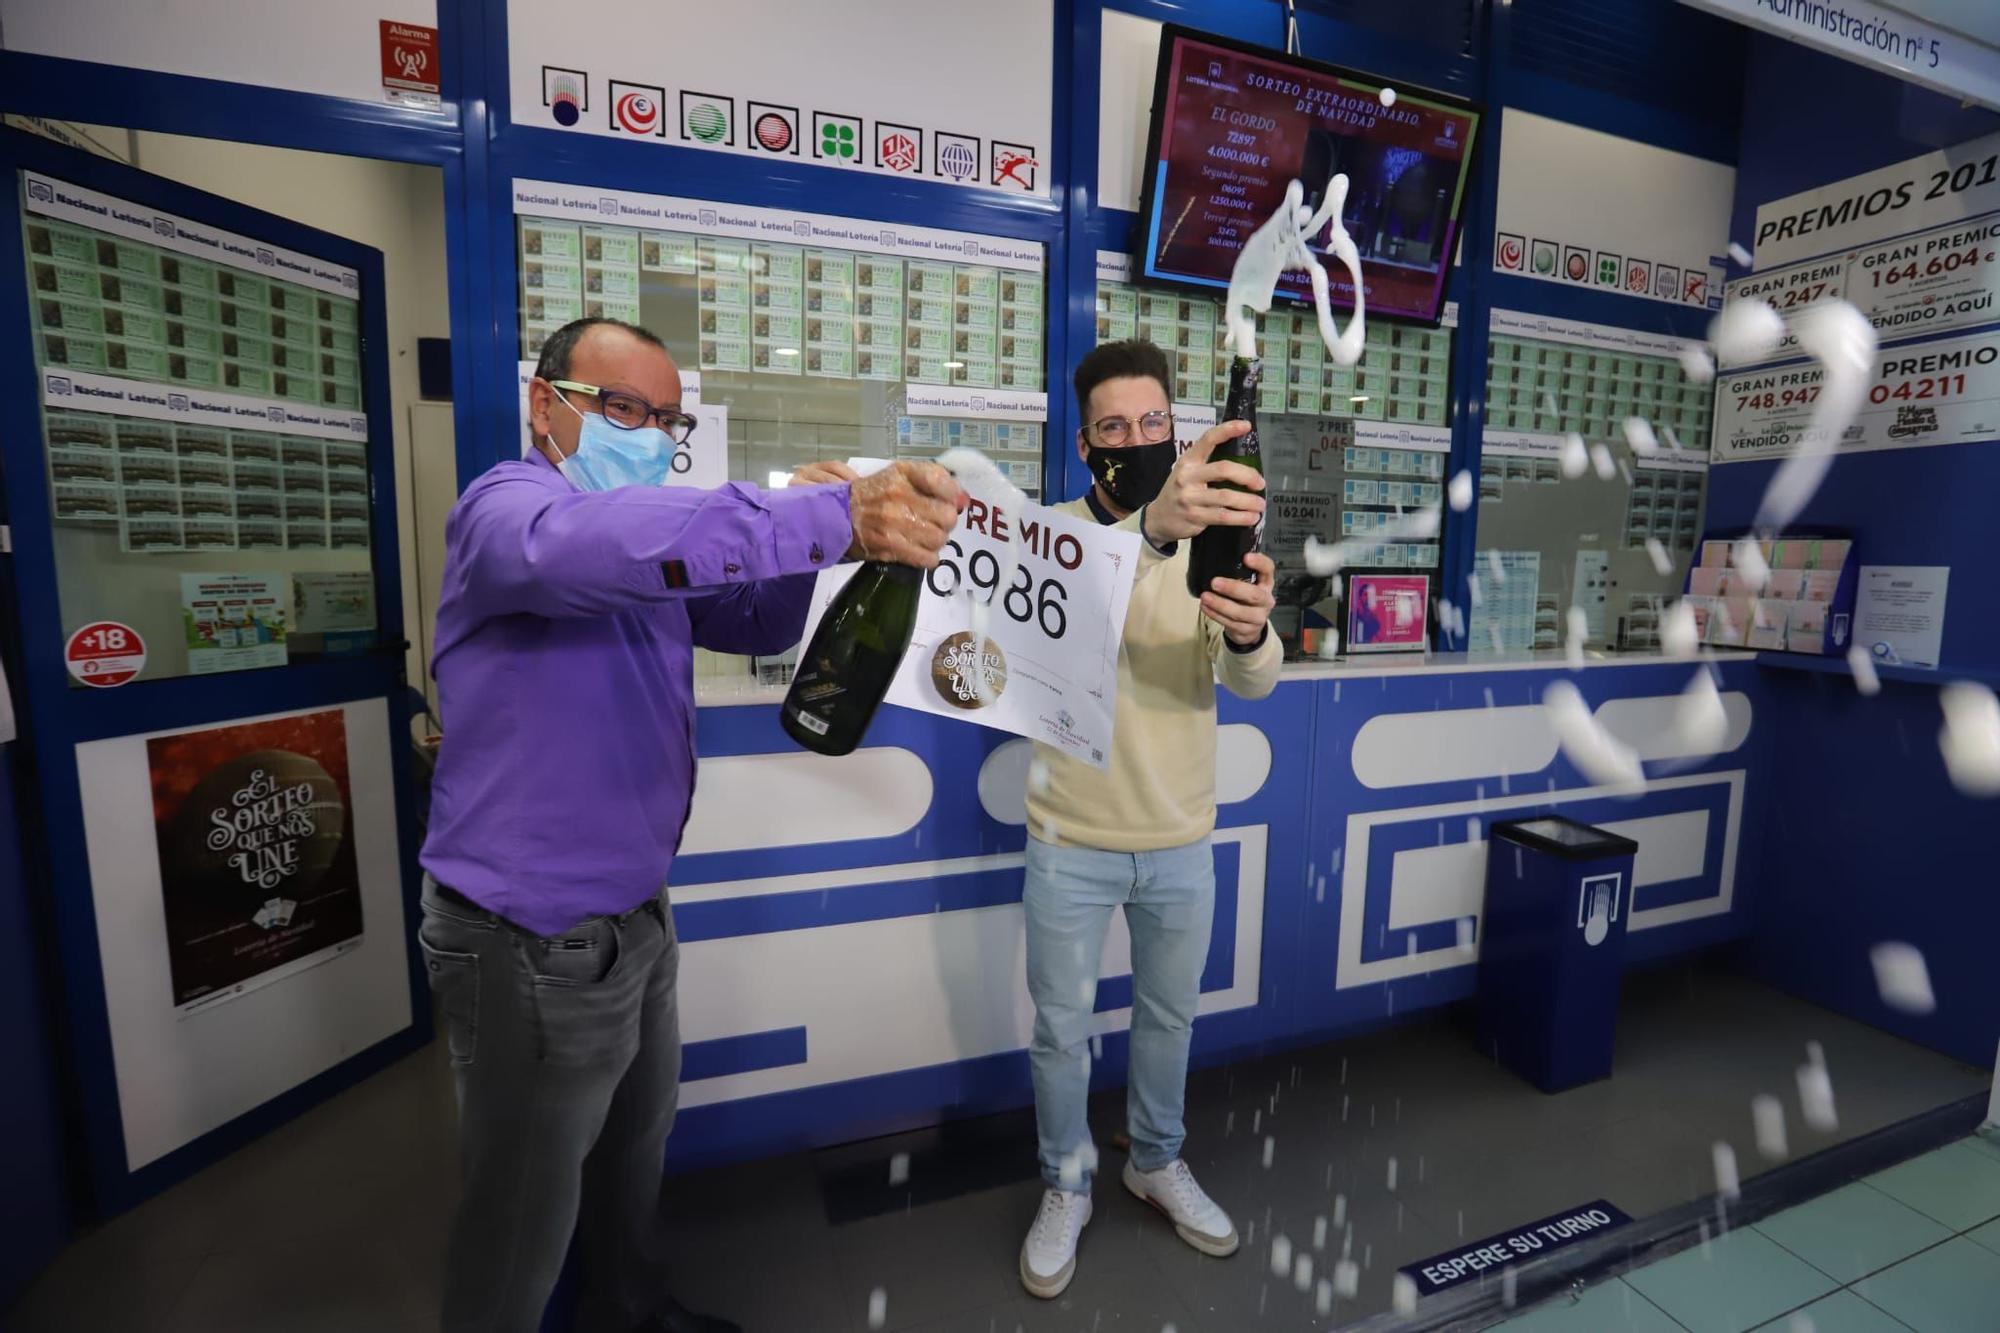 Una administración de Torrevieja vende parte de un tercer y un quito premio de la Lotería de Navidad